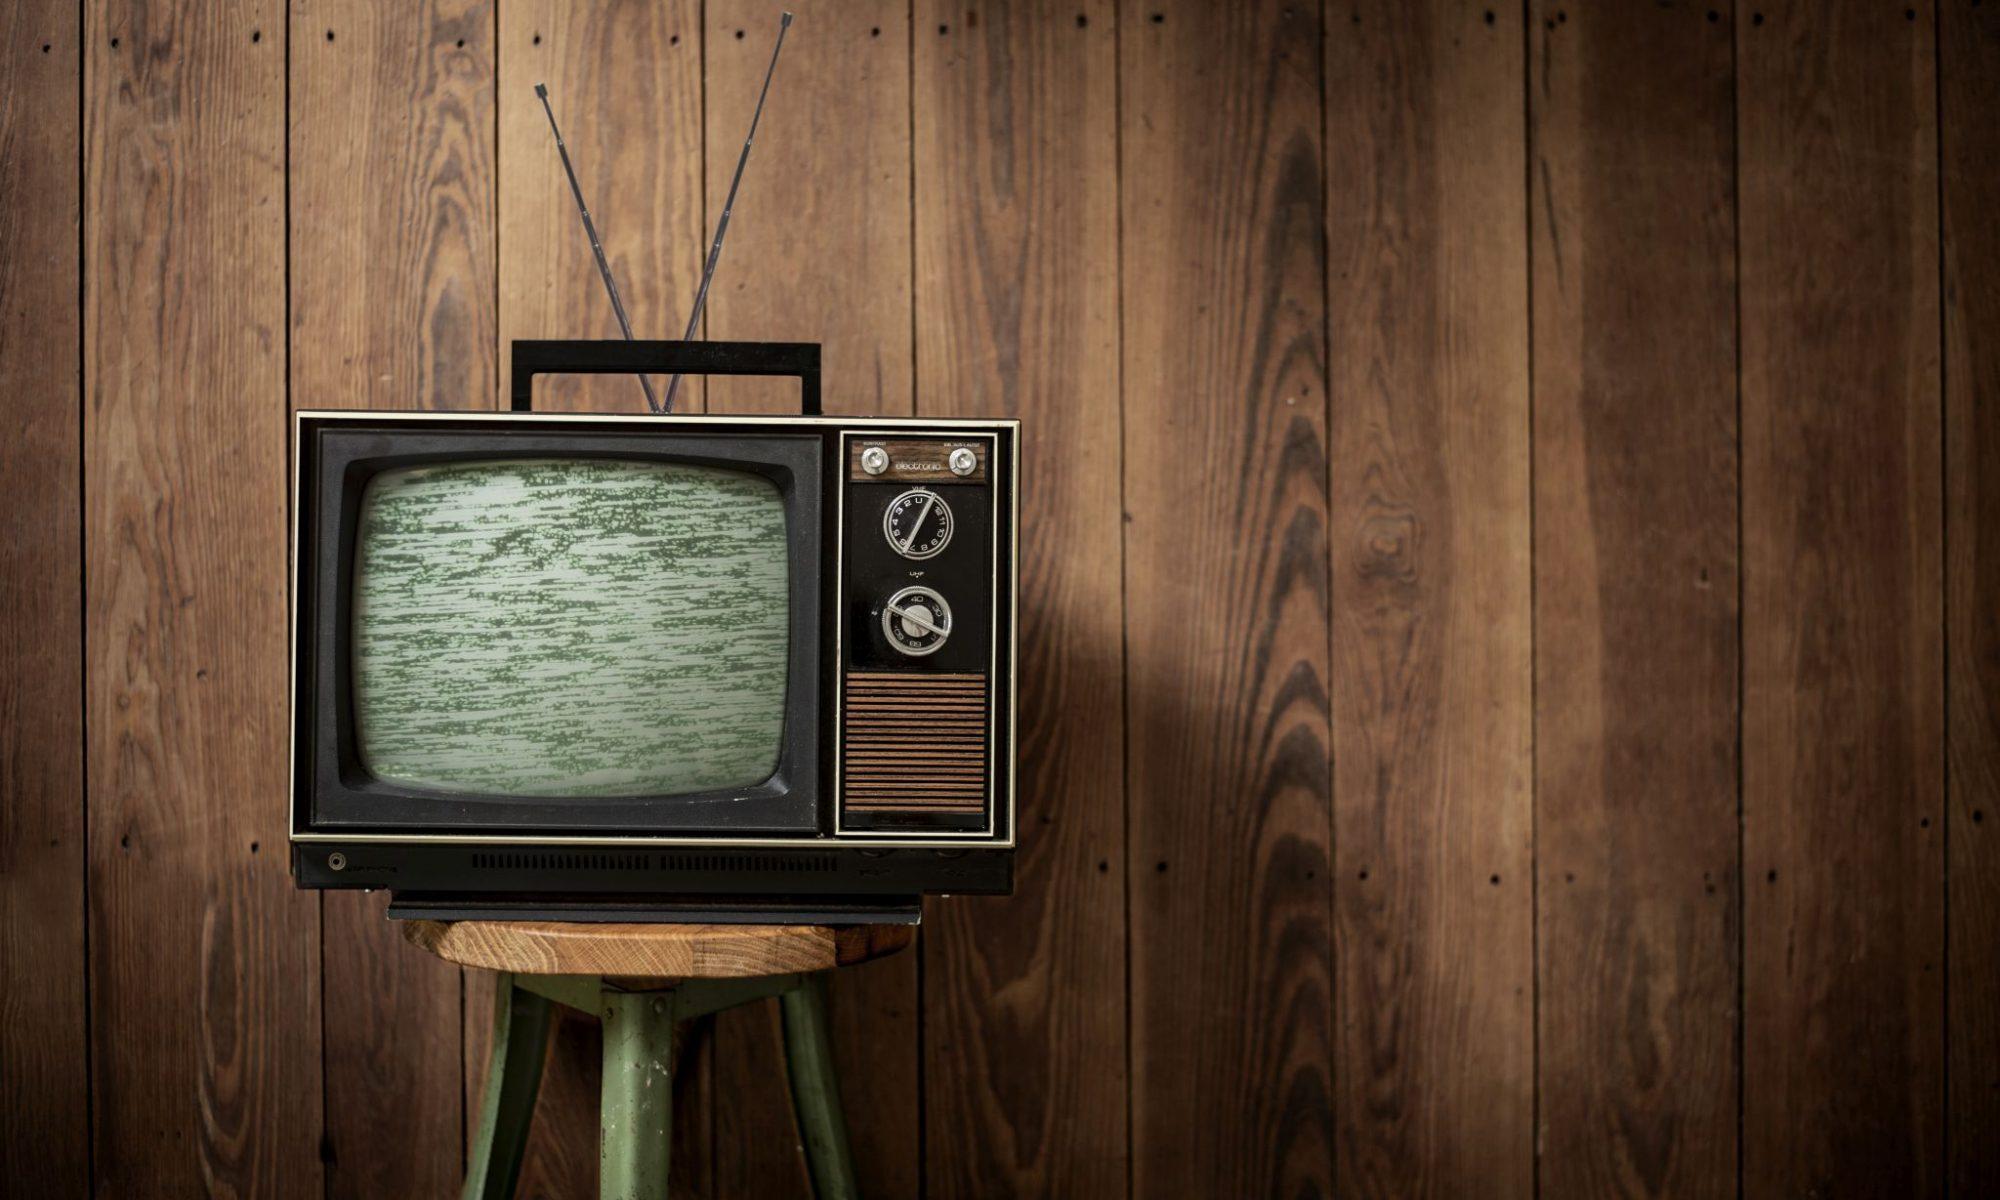 SBN Media Services